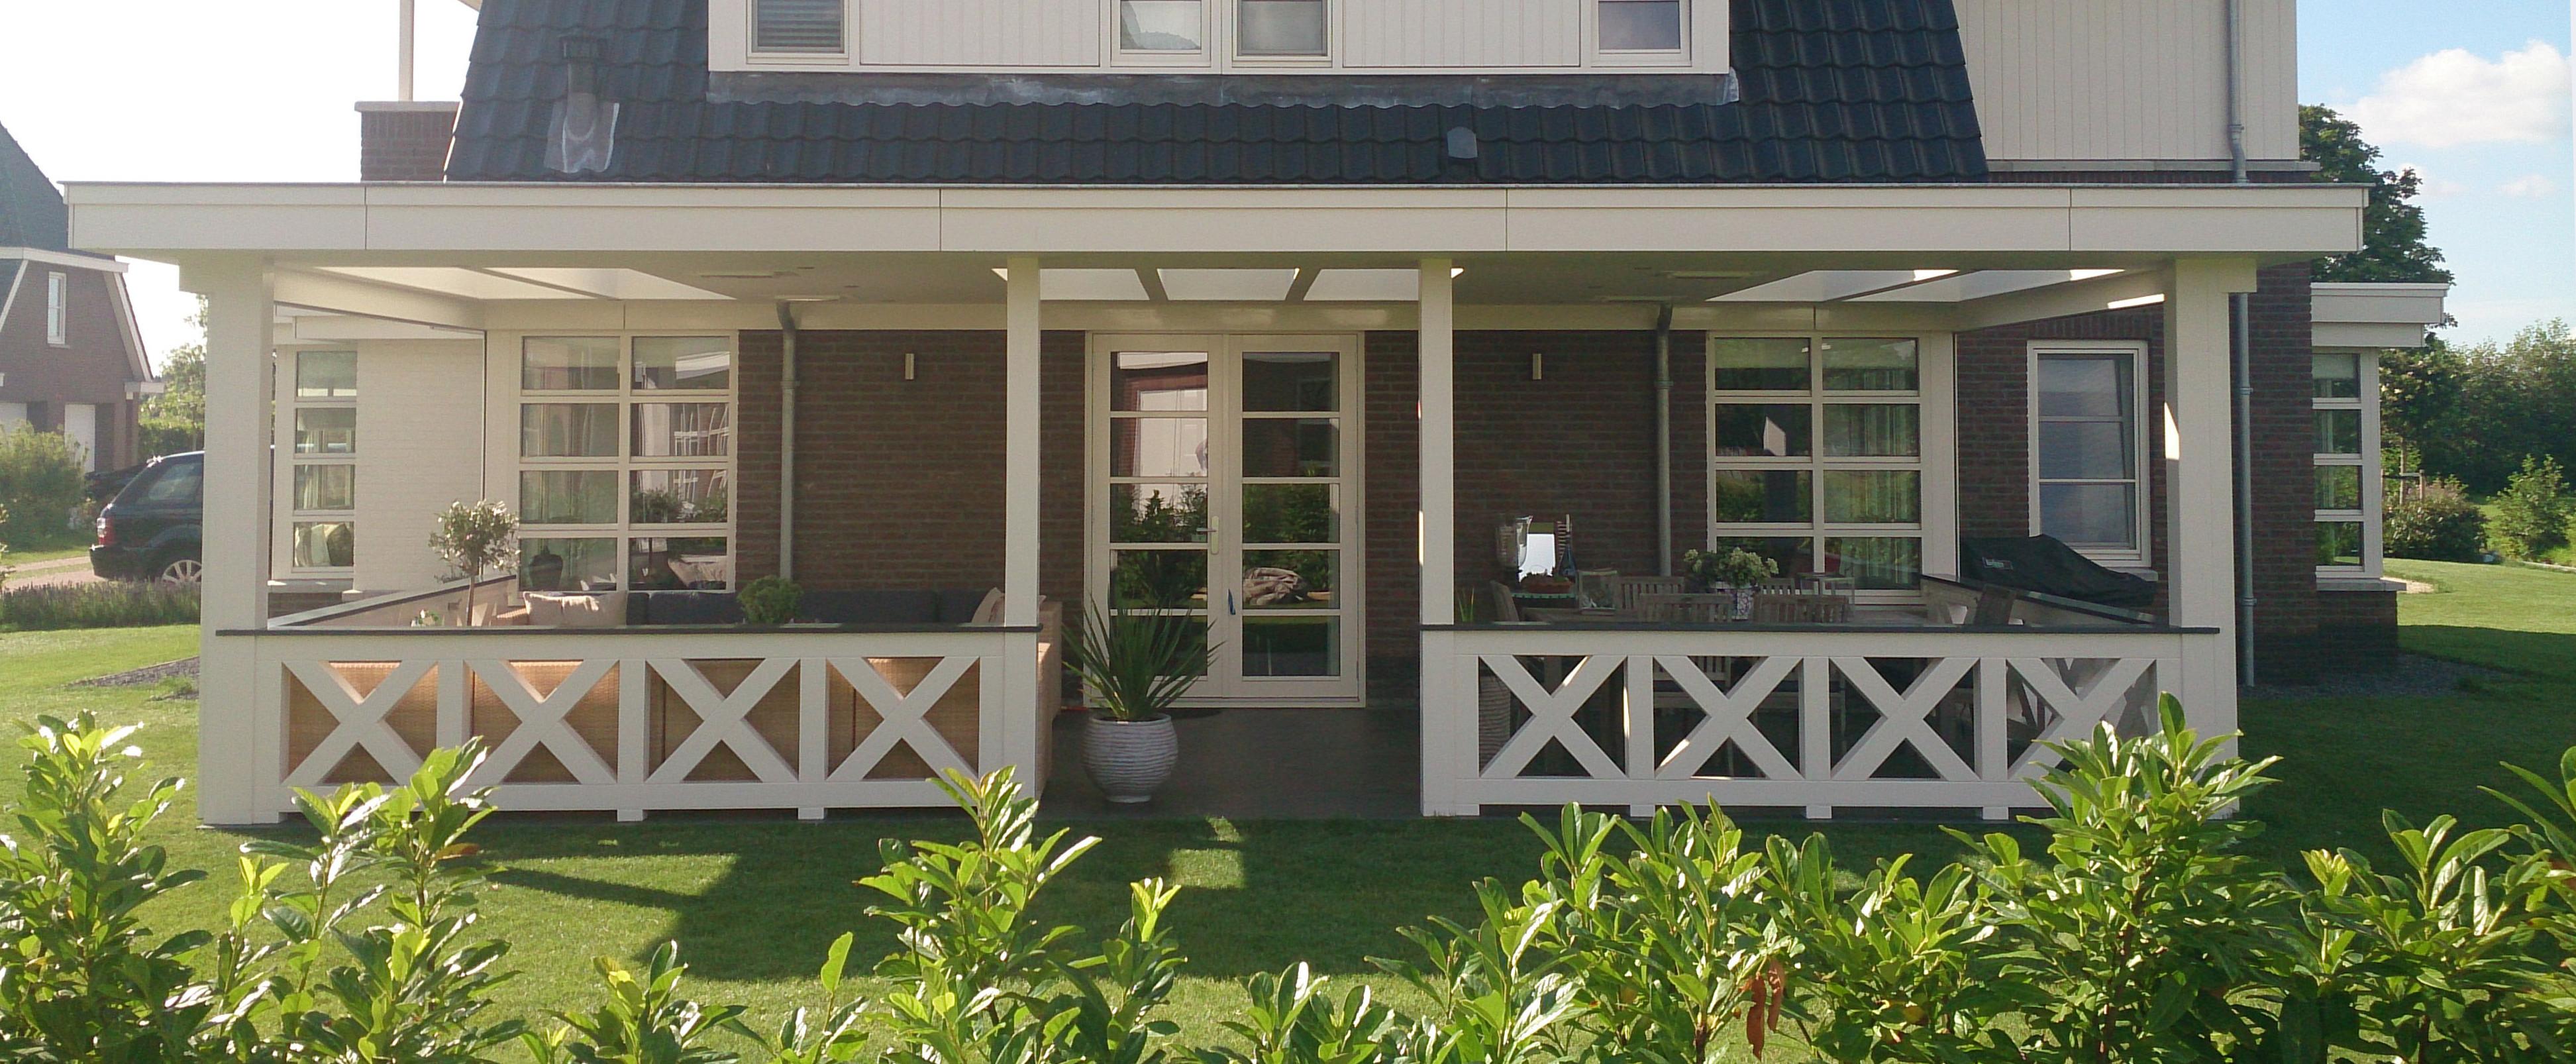 Terrassen Veranda veranda plaza voor uw exclusieve houten veranda terrasoverkapping